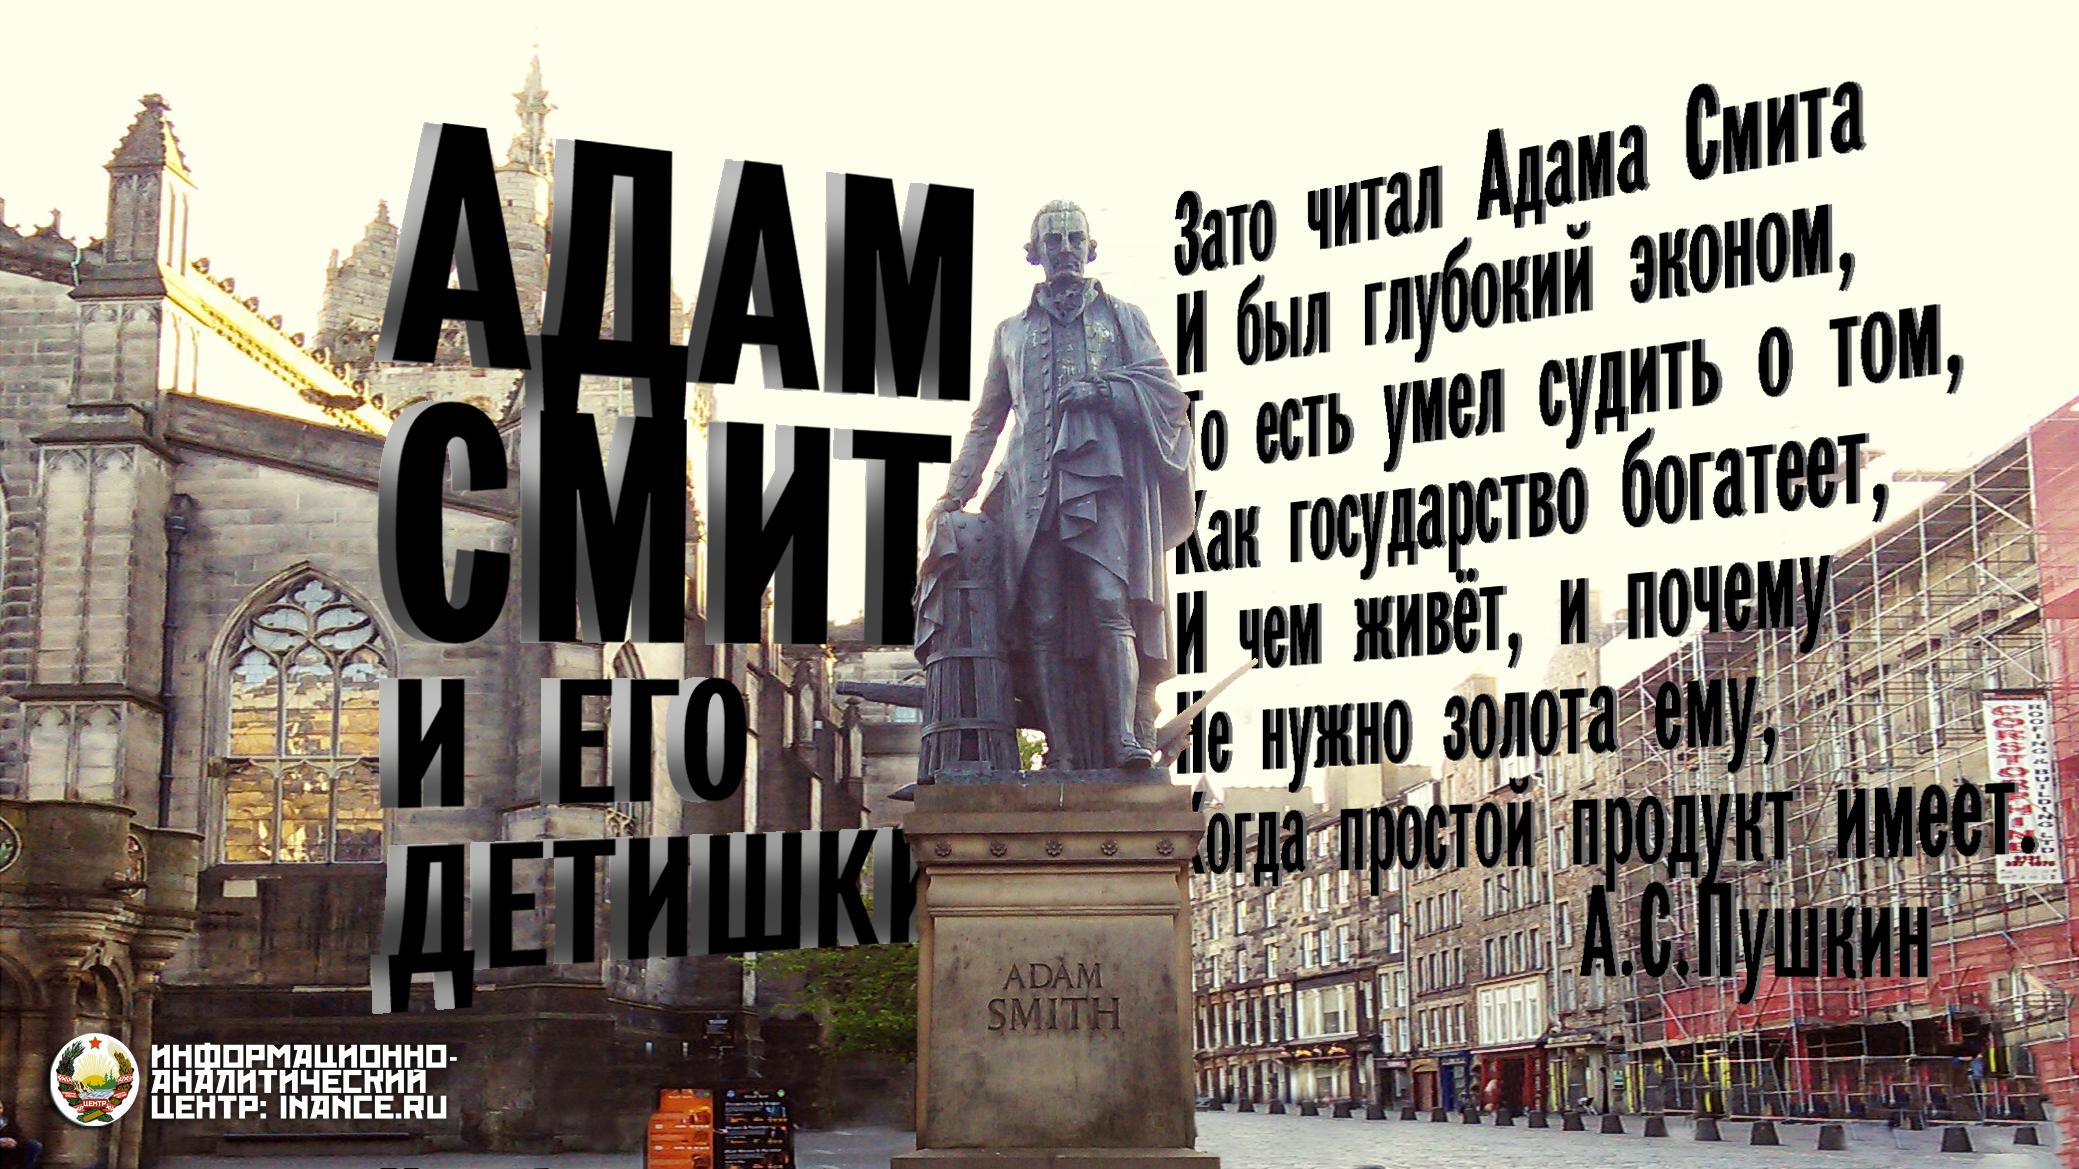 Адам Смит — основоположник экономического либерализма и его современные дети (часть 1) - Информационно-аналитический Центр (ИАЦ) — Аналитика, политика, новости, статистика (Карелия, Дагестан, Беларусь)